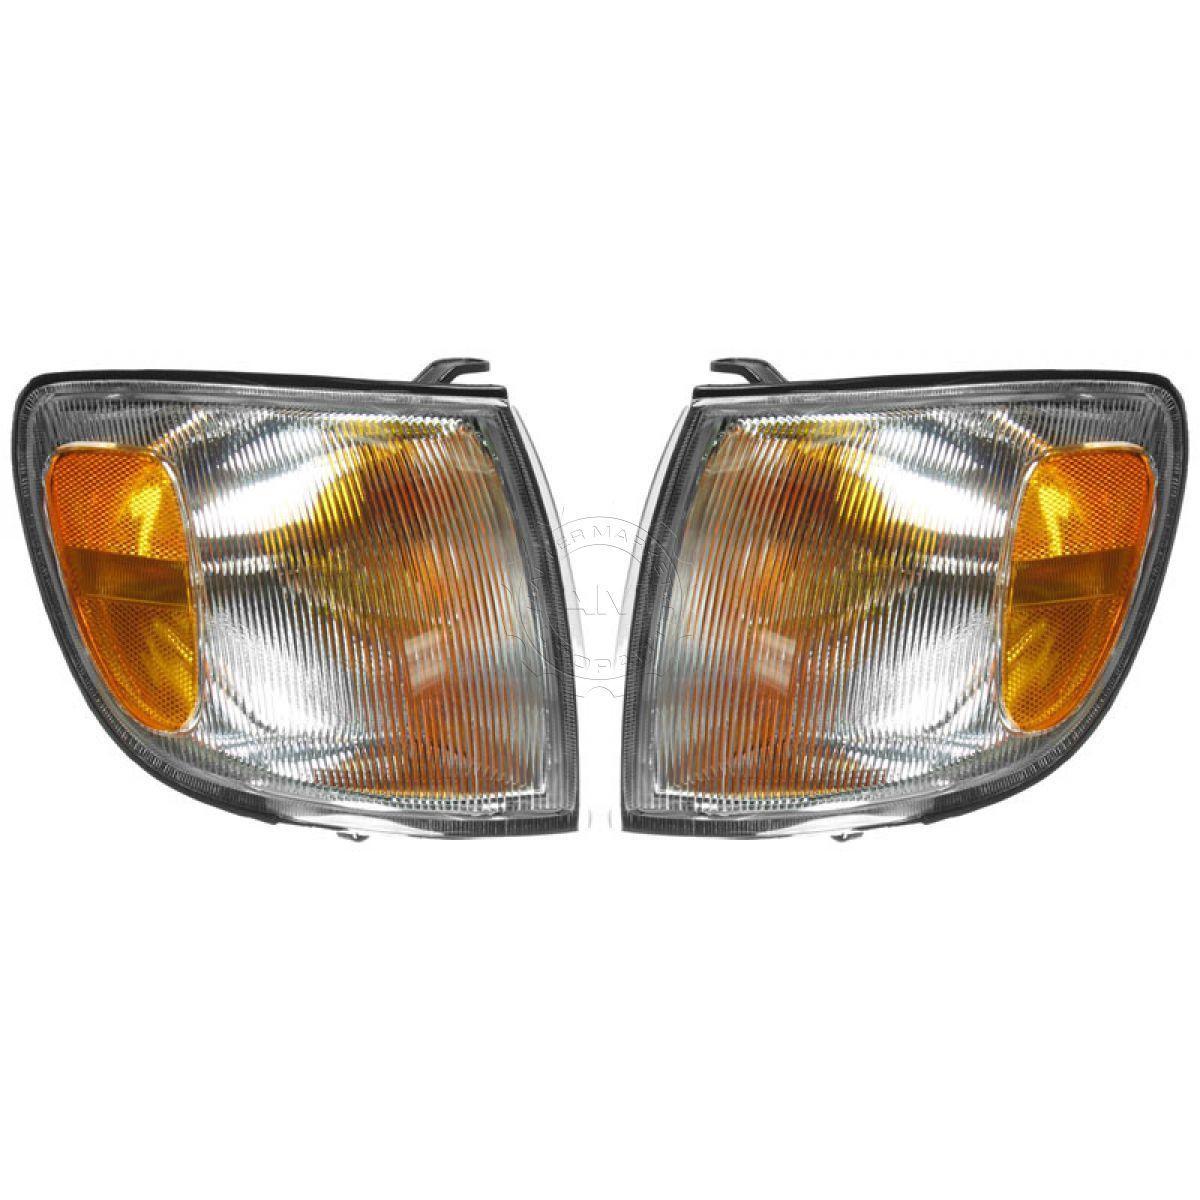 USコーナーライト Side Corner Parking Light Left & Right Set Pair for Sienna サイドコーナーパーキングライト左& シエナの右セットペア